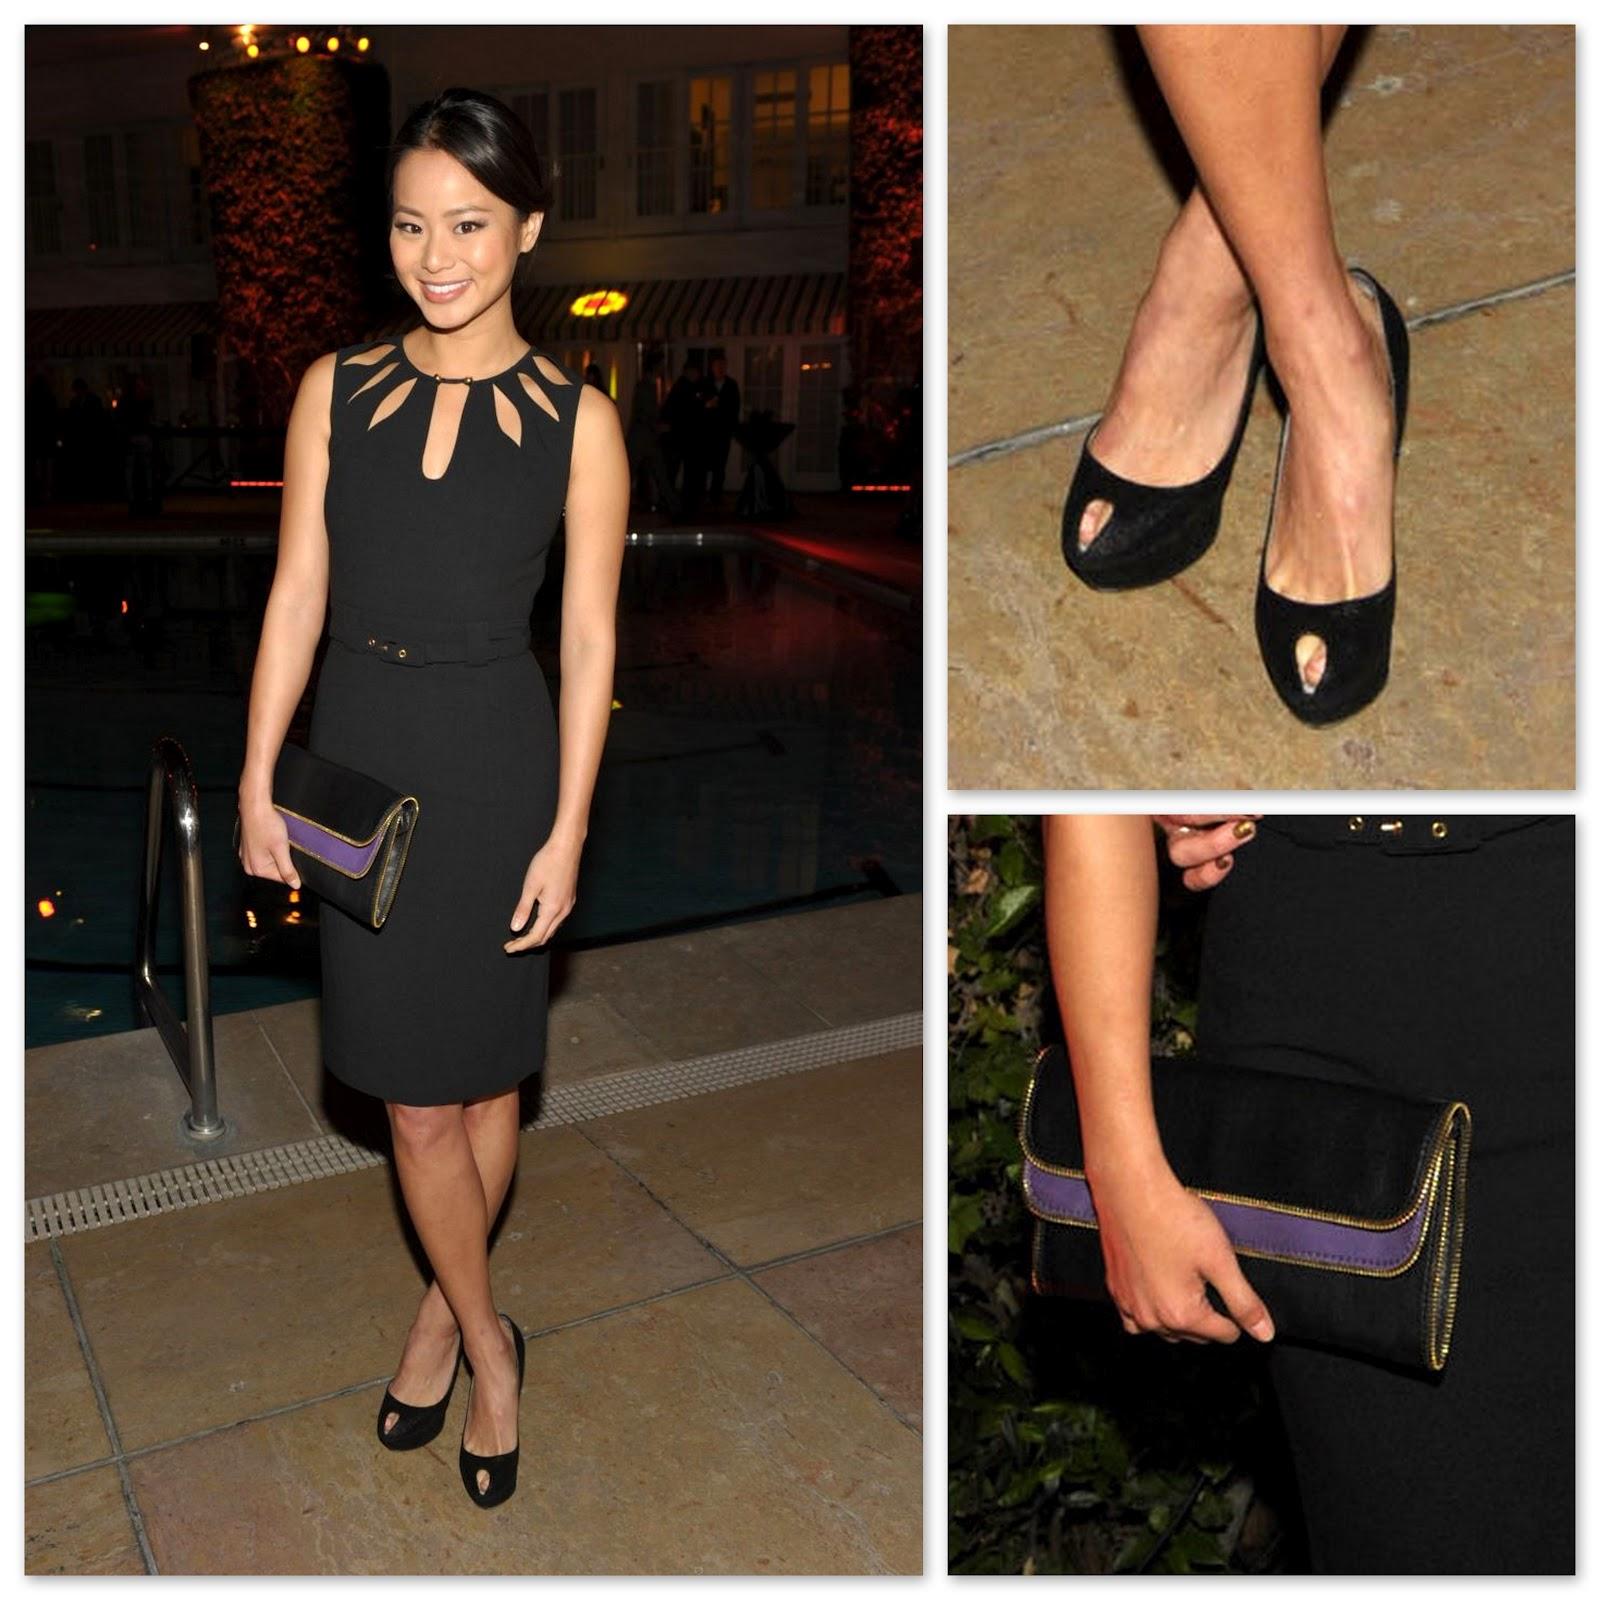 http://1.bp.blogspot.com/-2_Q83amXqrU/T2-xH0E6VkI/AAAAAAAAGLg/_TVuPVfZolQ/s1600/best+dressed8.jpg